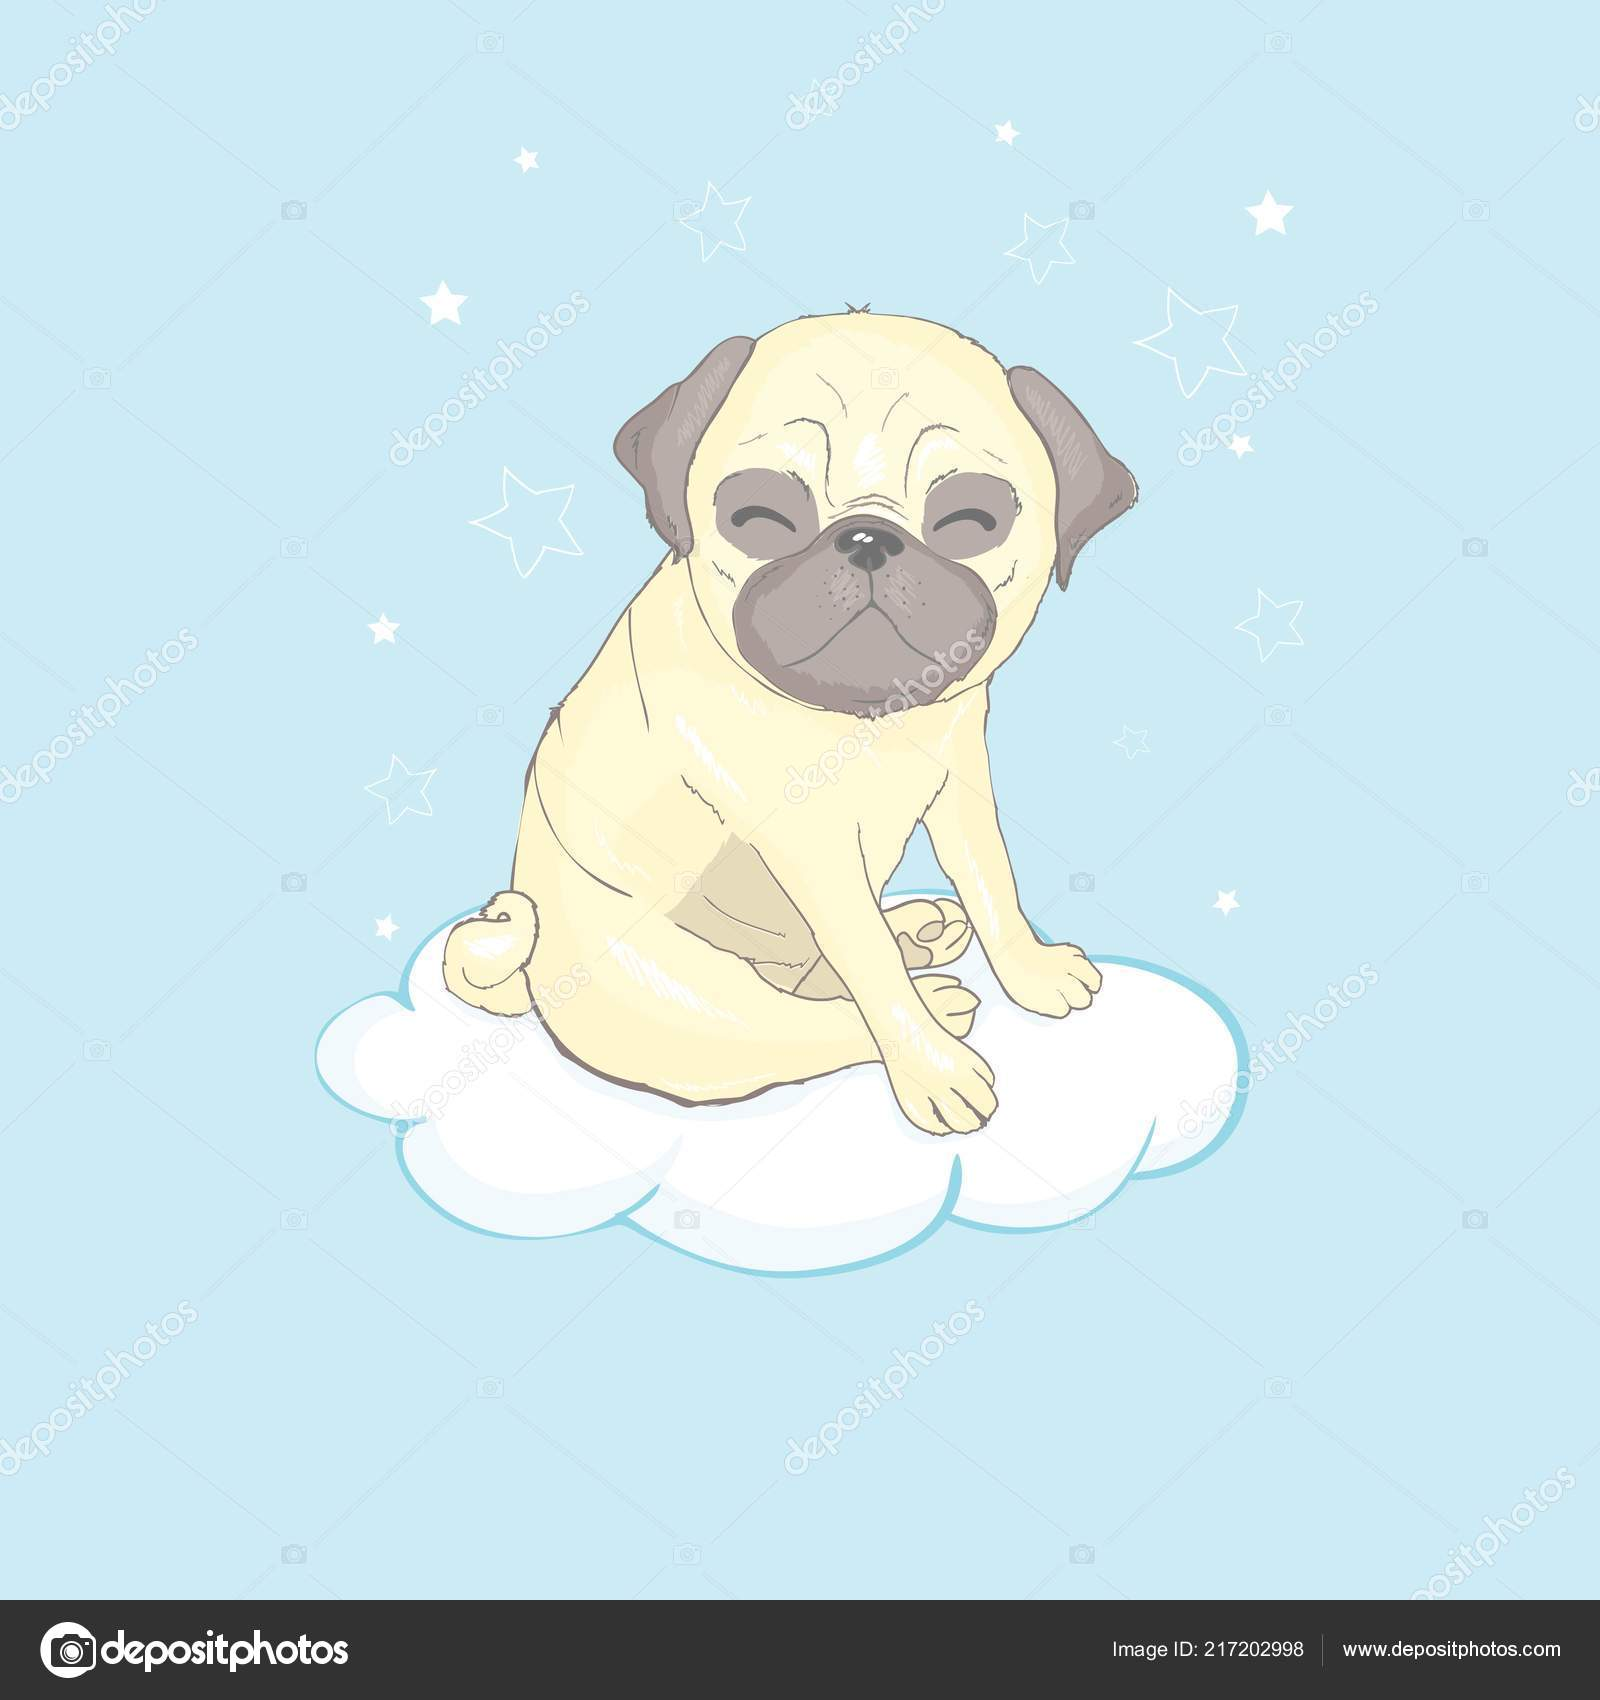 Illustrazione cartone animato cane pug cane carino elemento design